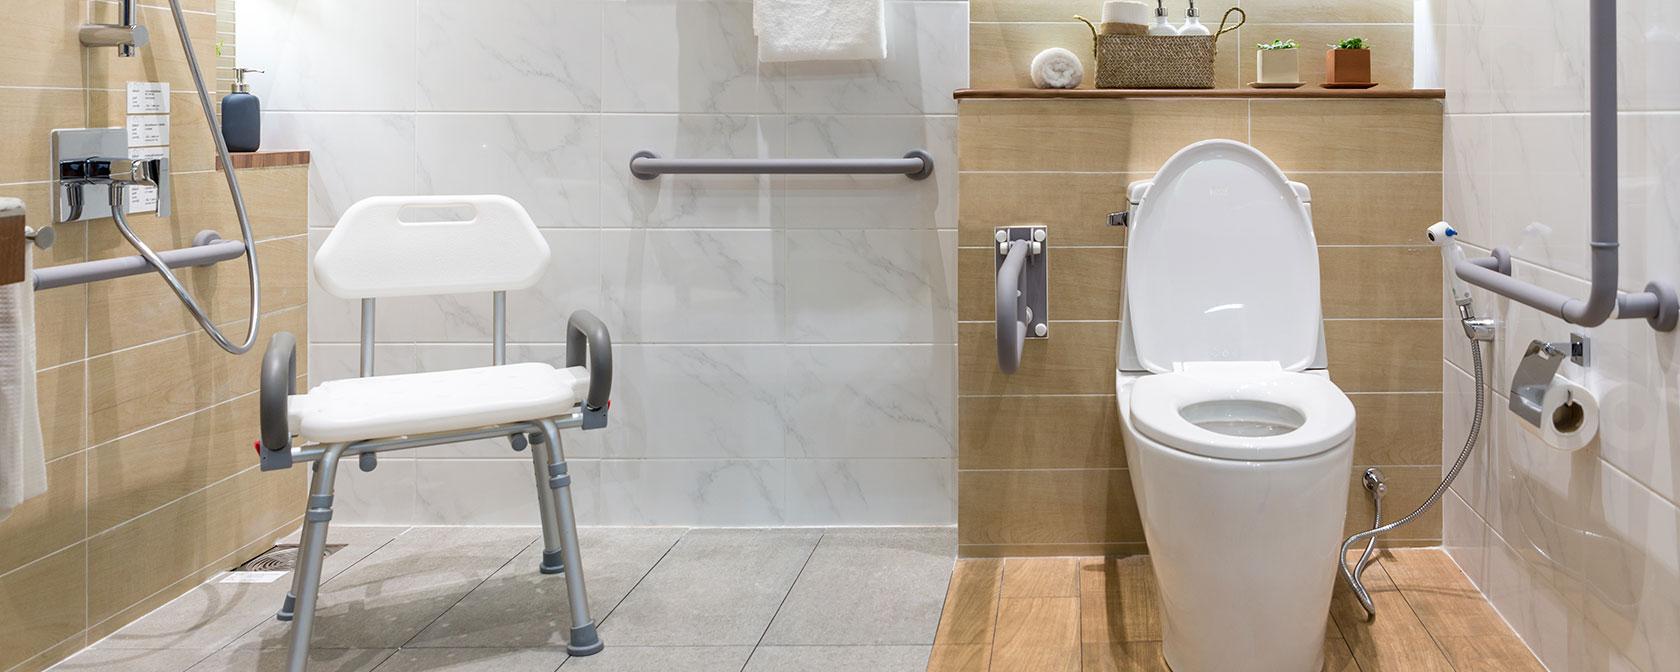 Le matériel médical pour la douche et la salle de bains